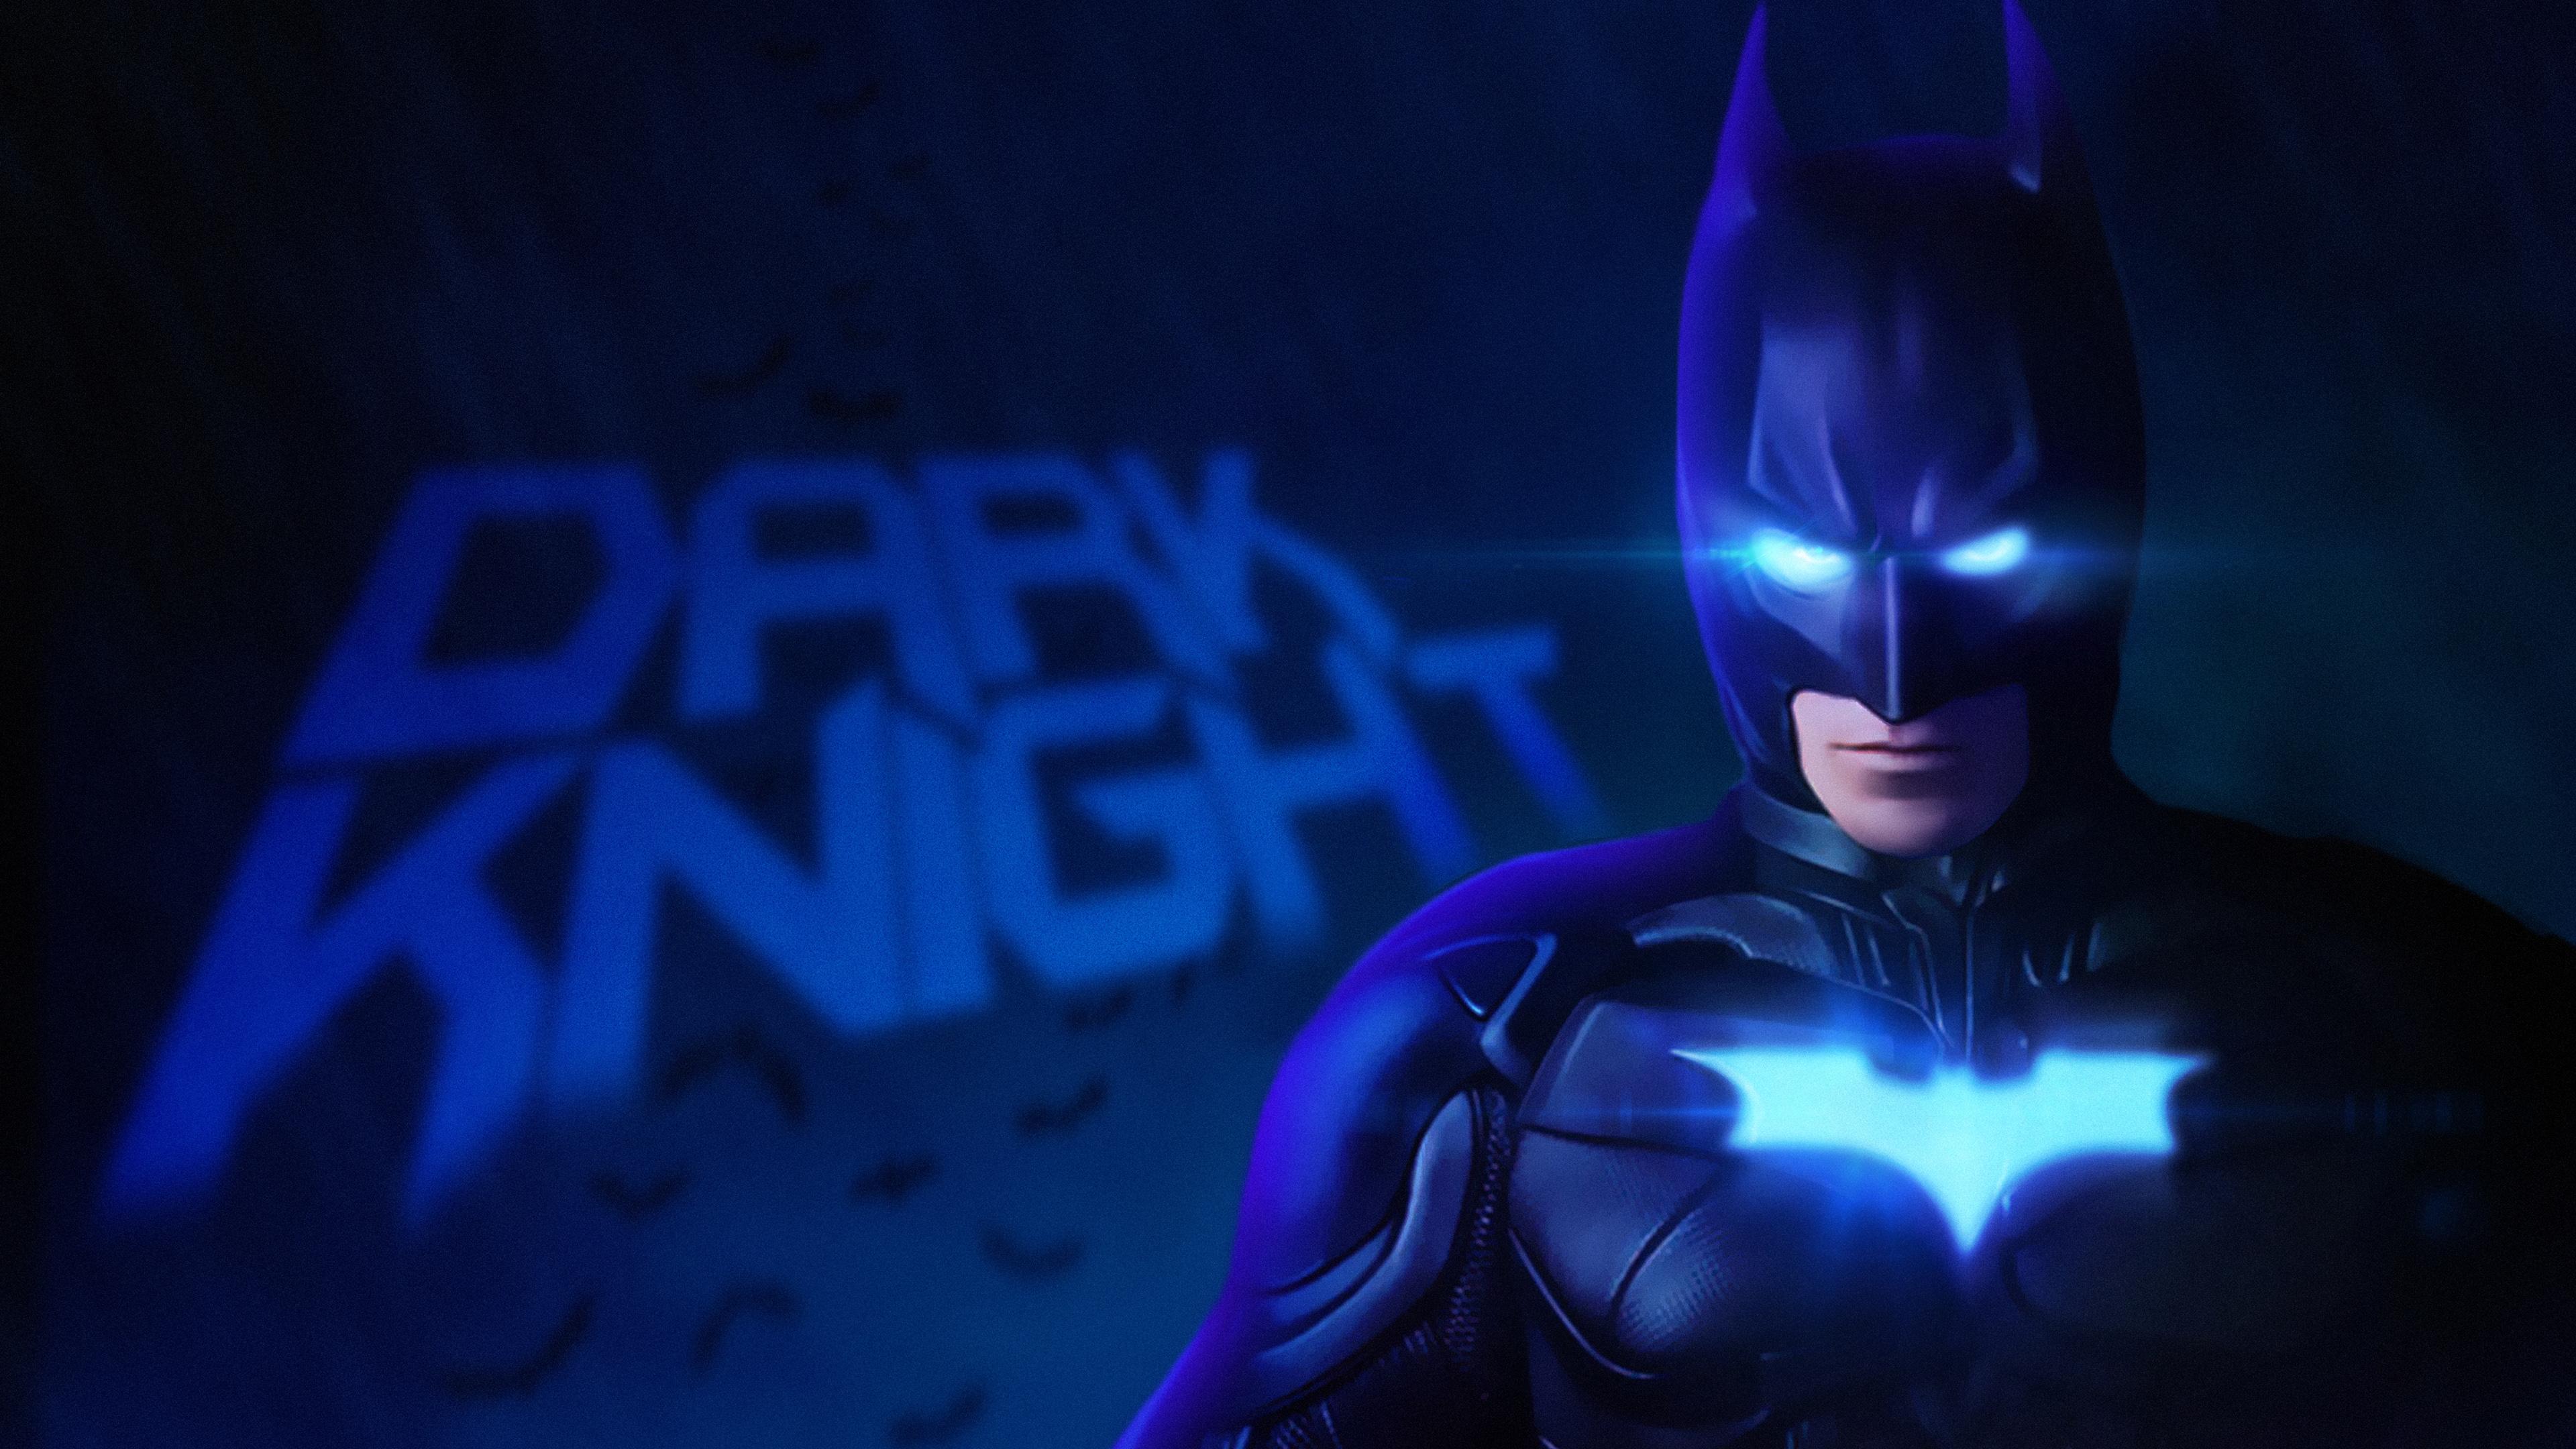 Бэтмен Темный рыцарь 4k обои скачать